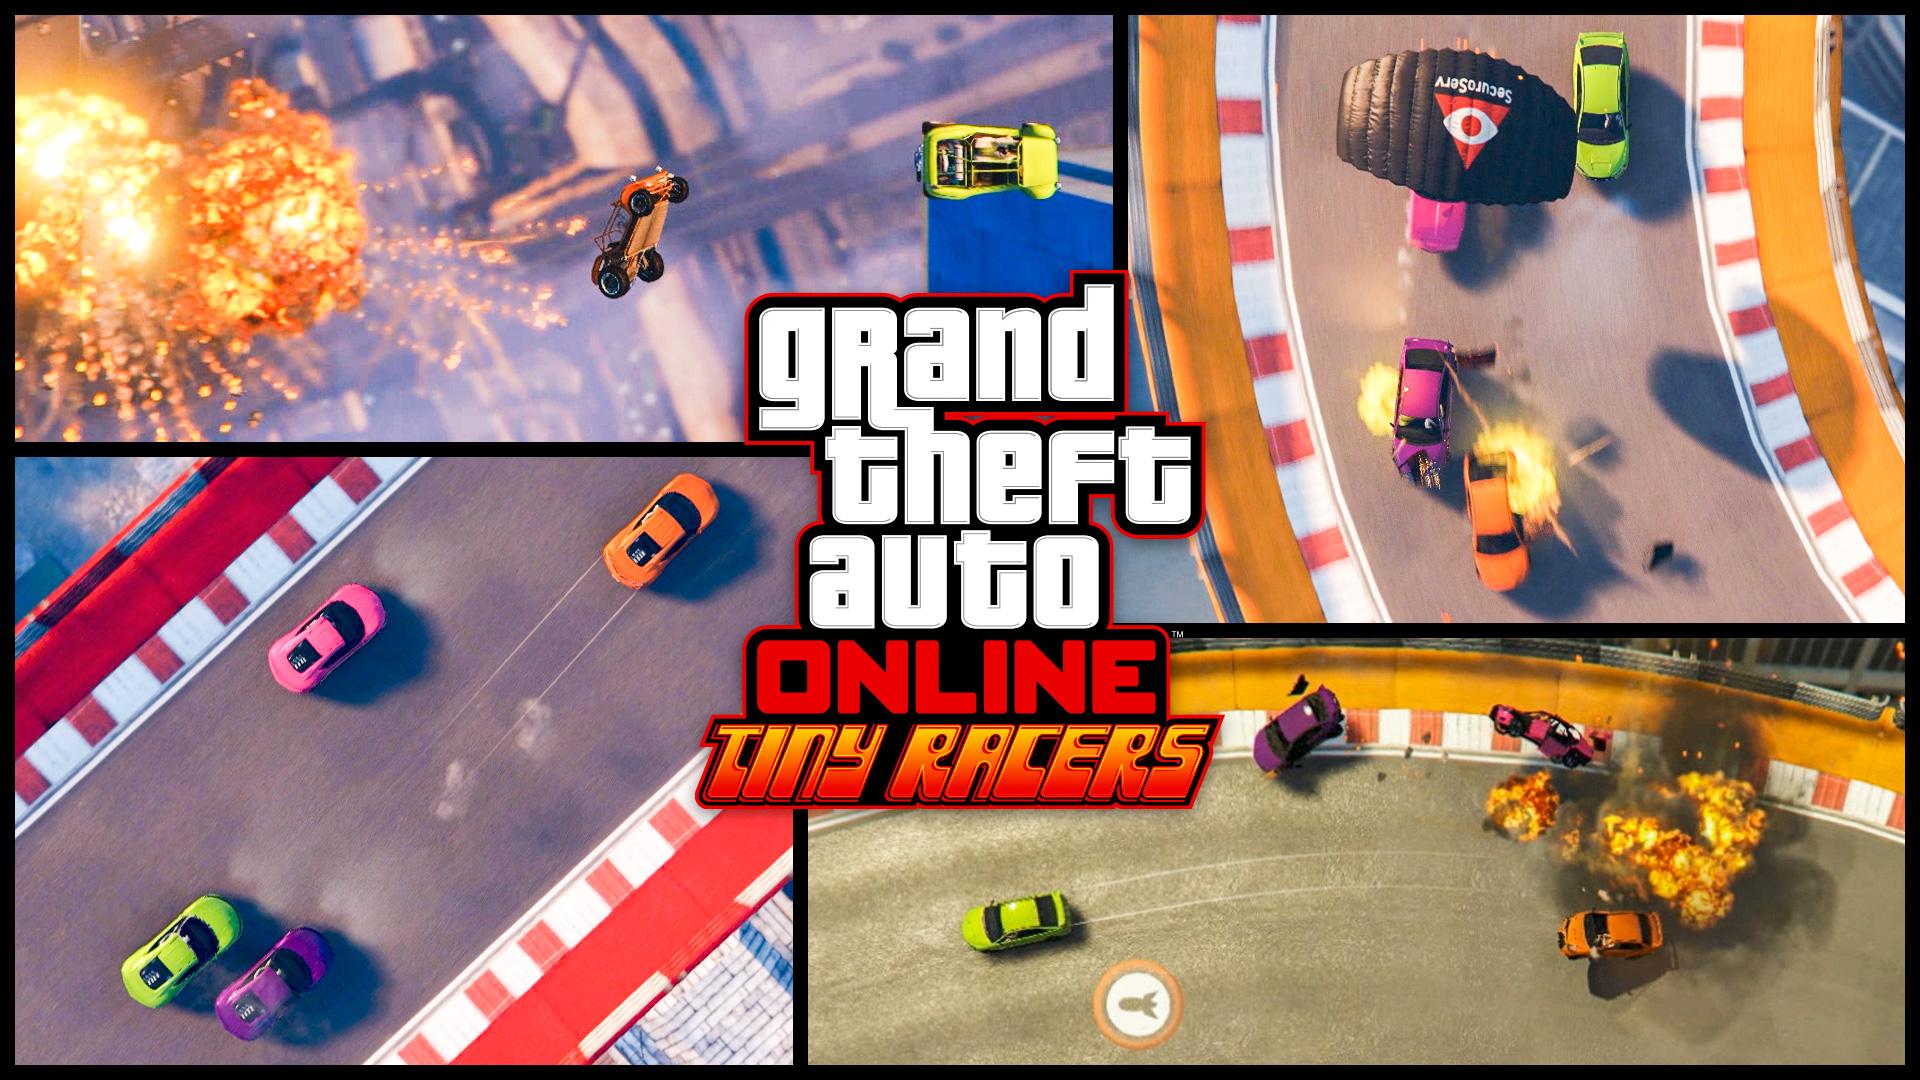 Nueva actualización GTA Online Tiny Racer